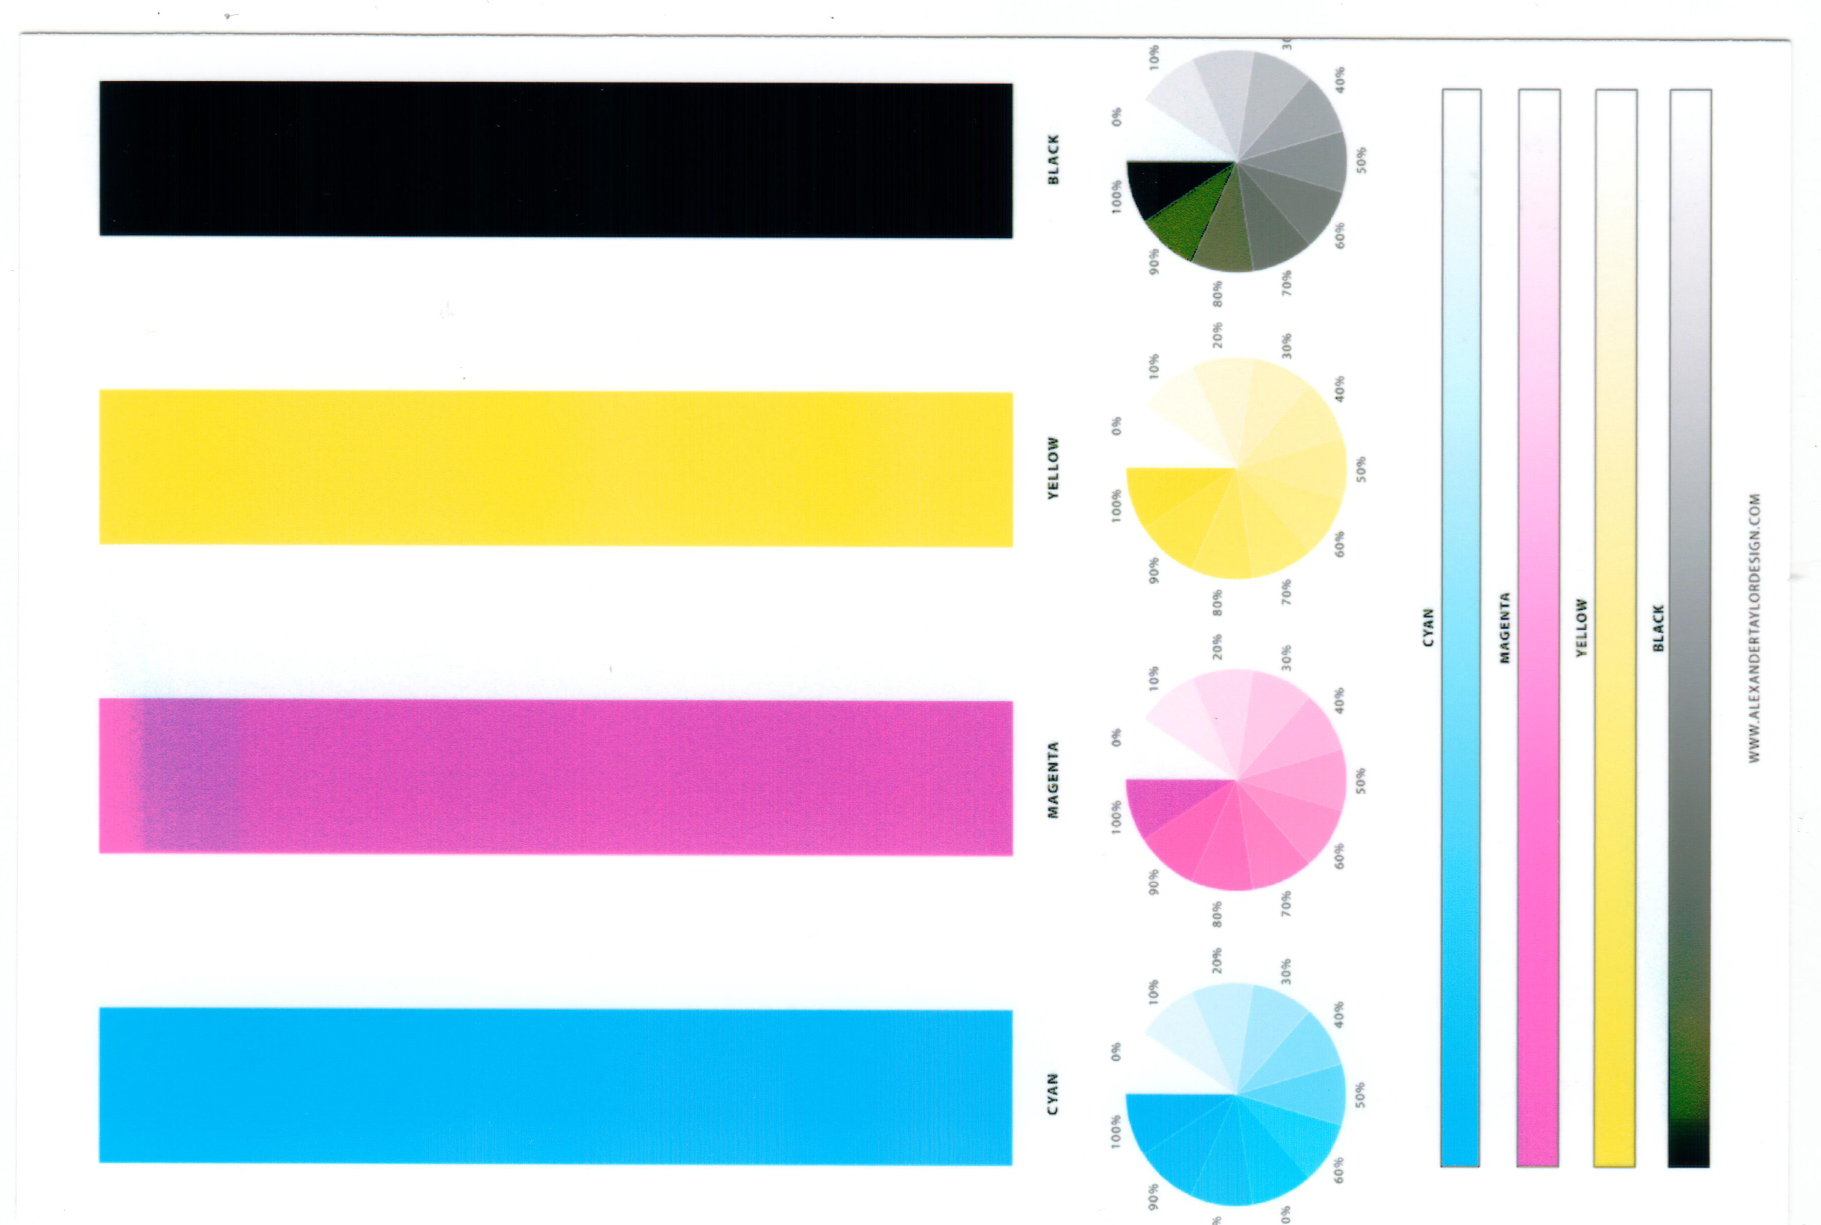 Закраска всего рисунка одним цветом - Форум сайта фотошоп-мастер 21